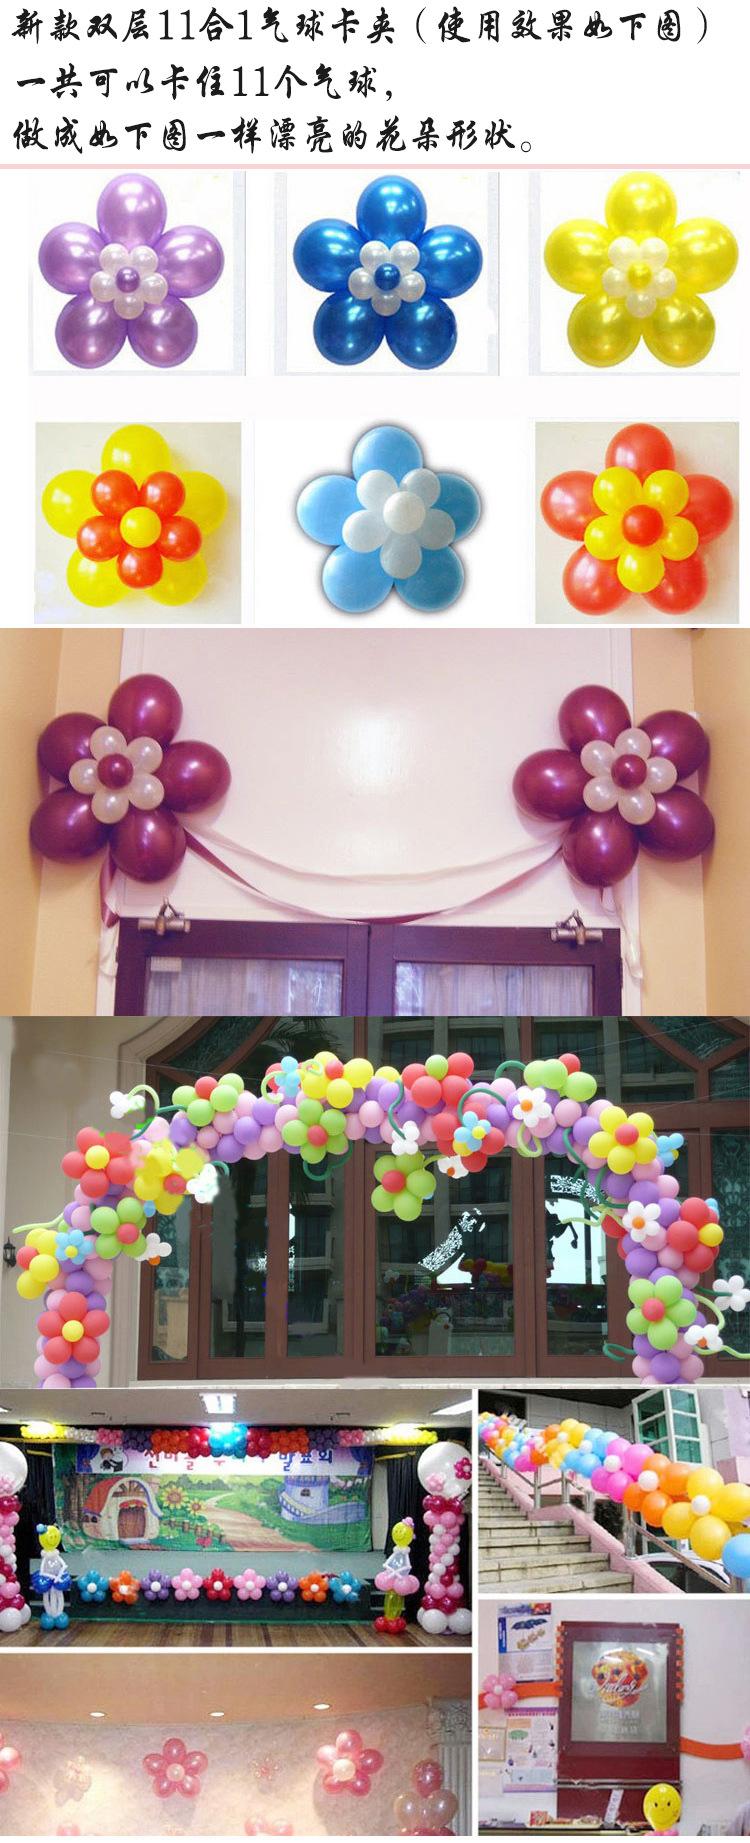 婚庆气球造型梅花夹 婚房装饰布置花朵形-新款双层11合1气球卡夹